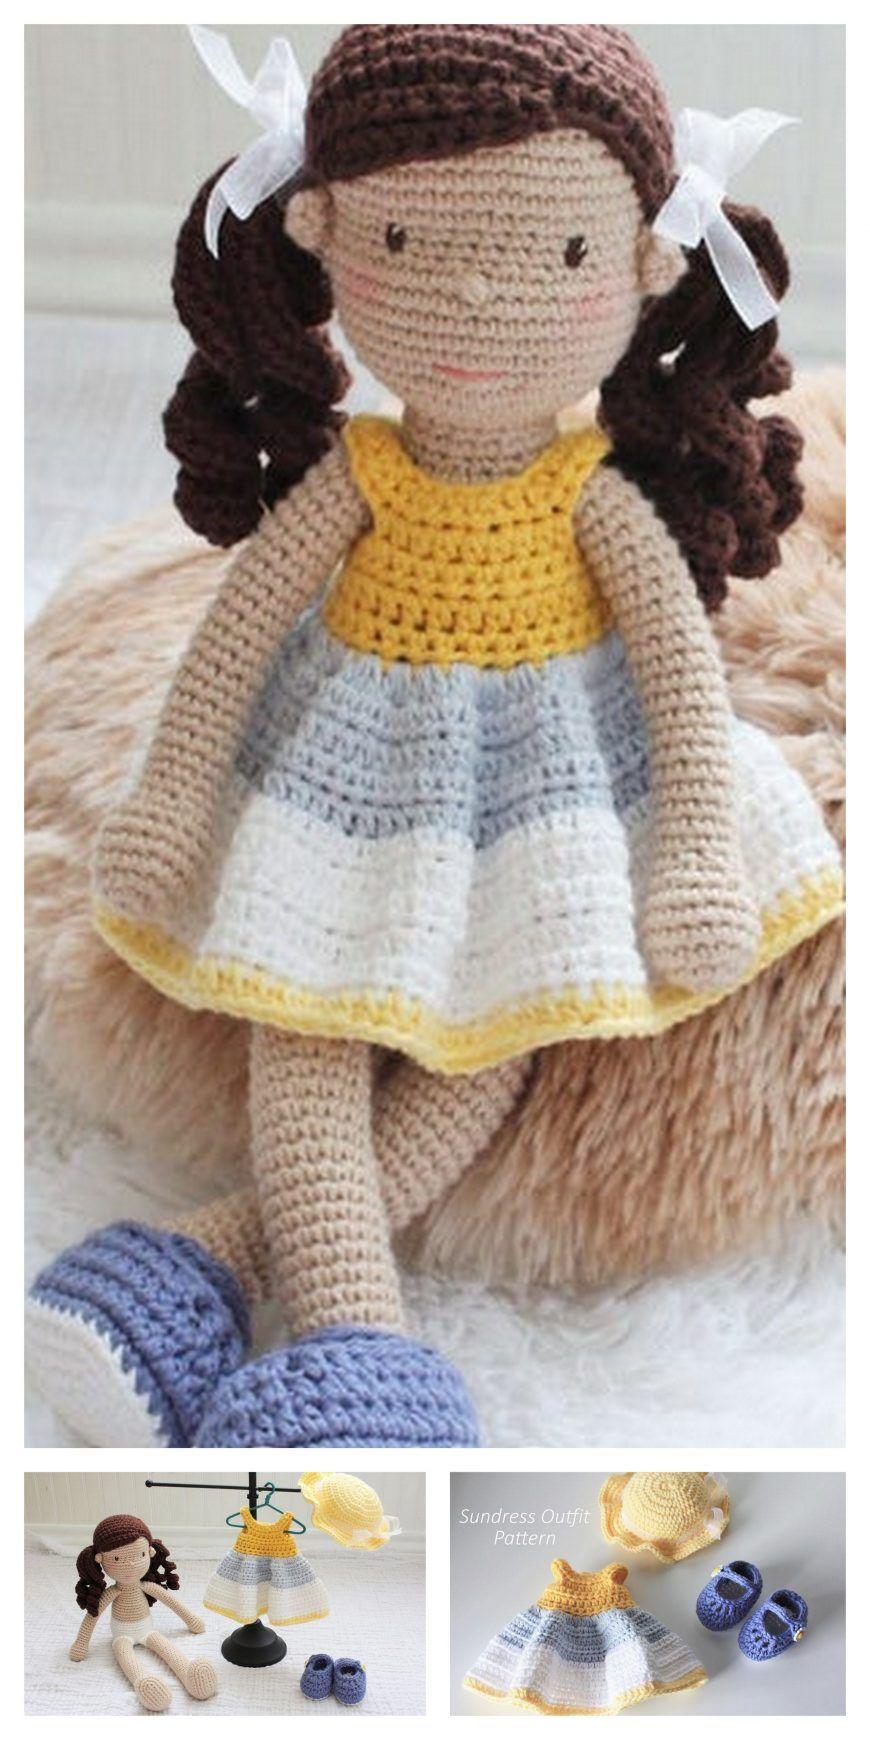 Crochet doll PATTERN, AMIGURUMI pattern, amigurumi doll pdf ... | 1740x870